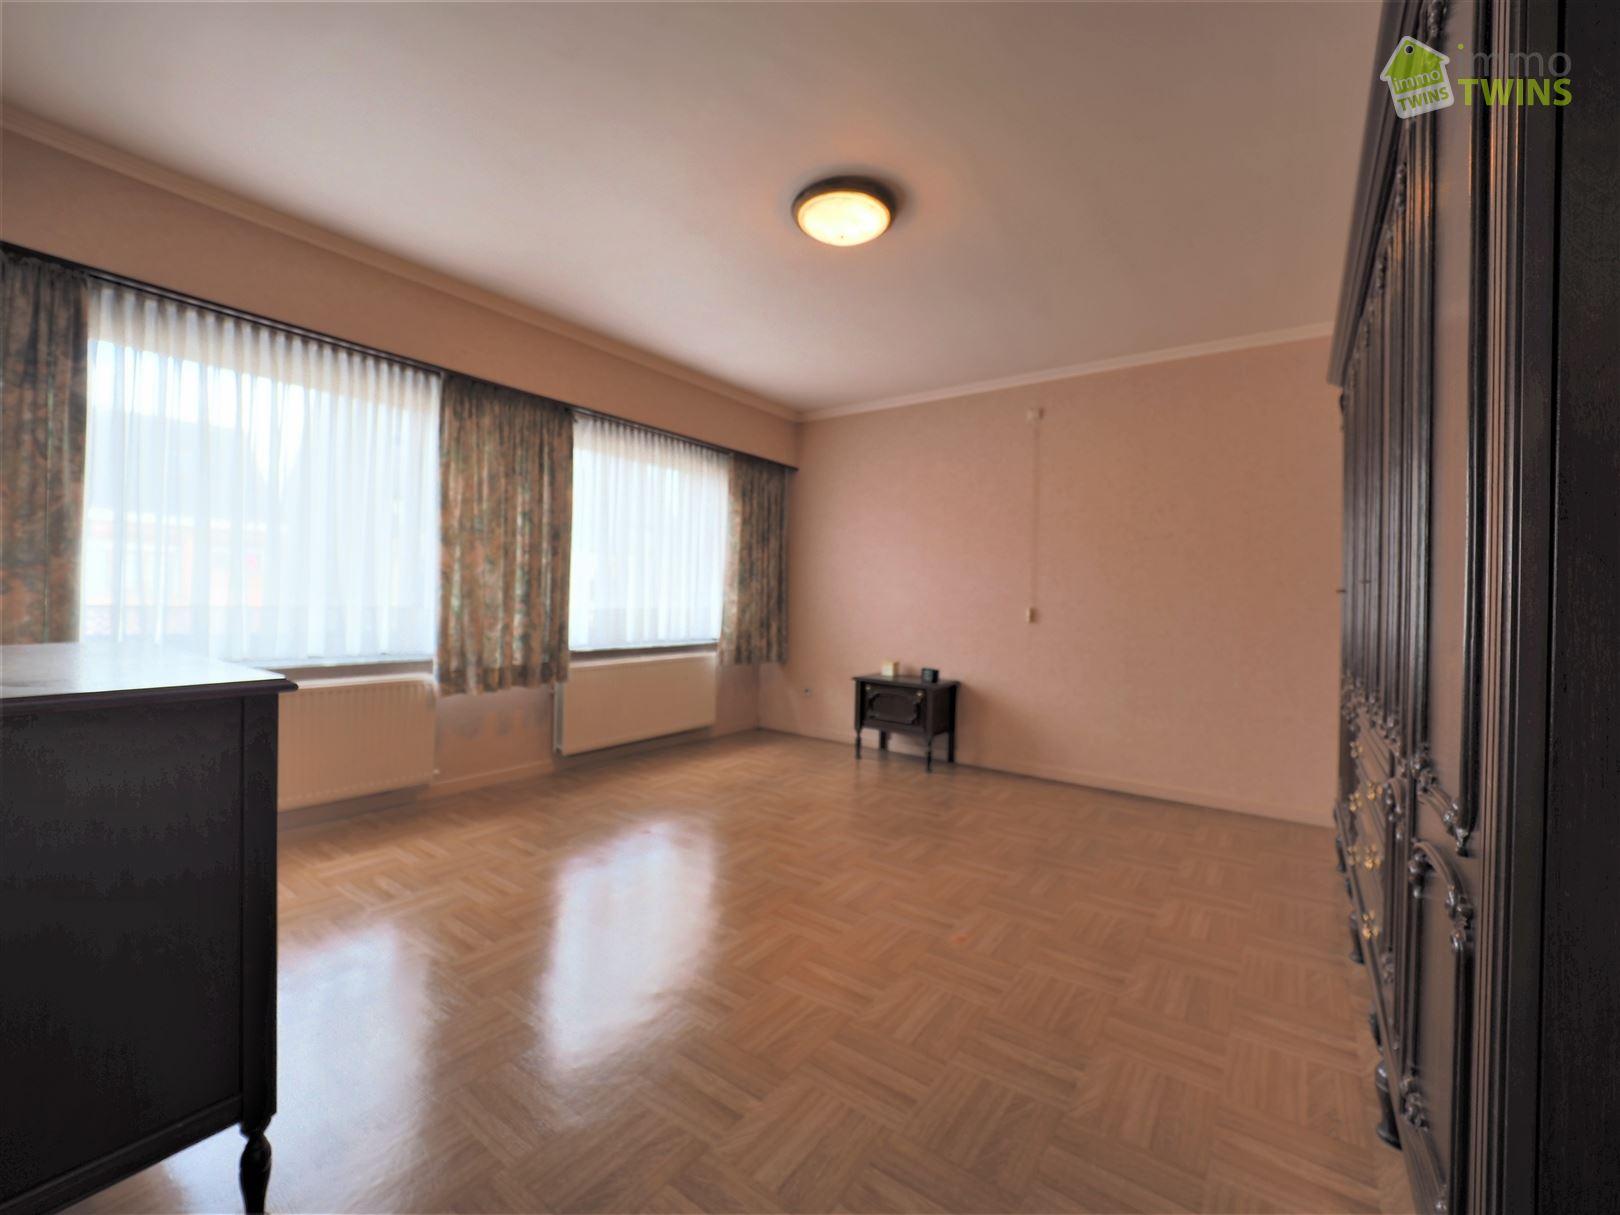 Foto 10 : Huis te 9240 ZELE (België) - Prijs € 345.000